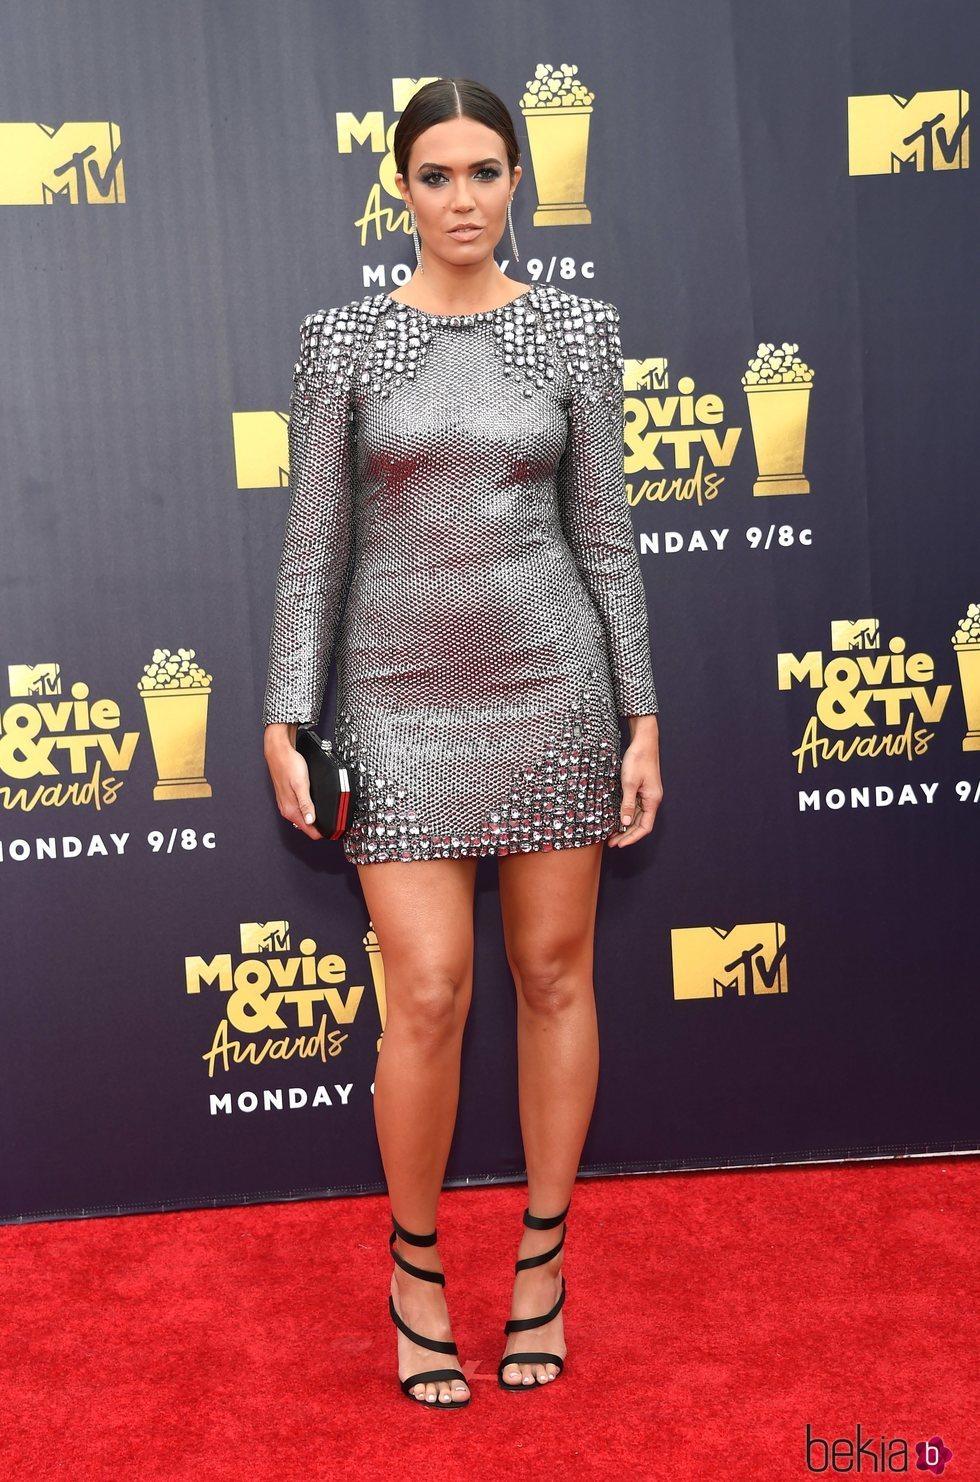 Mandy Moore en los MTV Movie & TV Awards de 2018